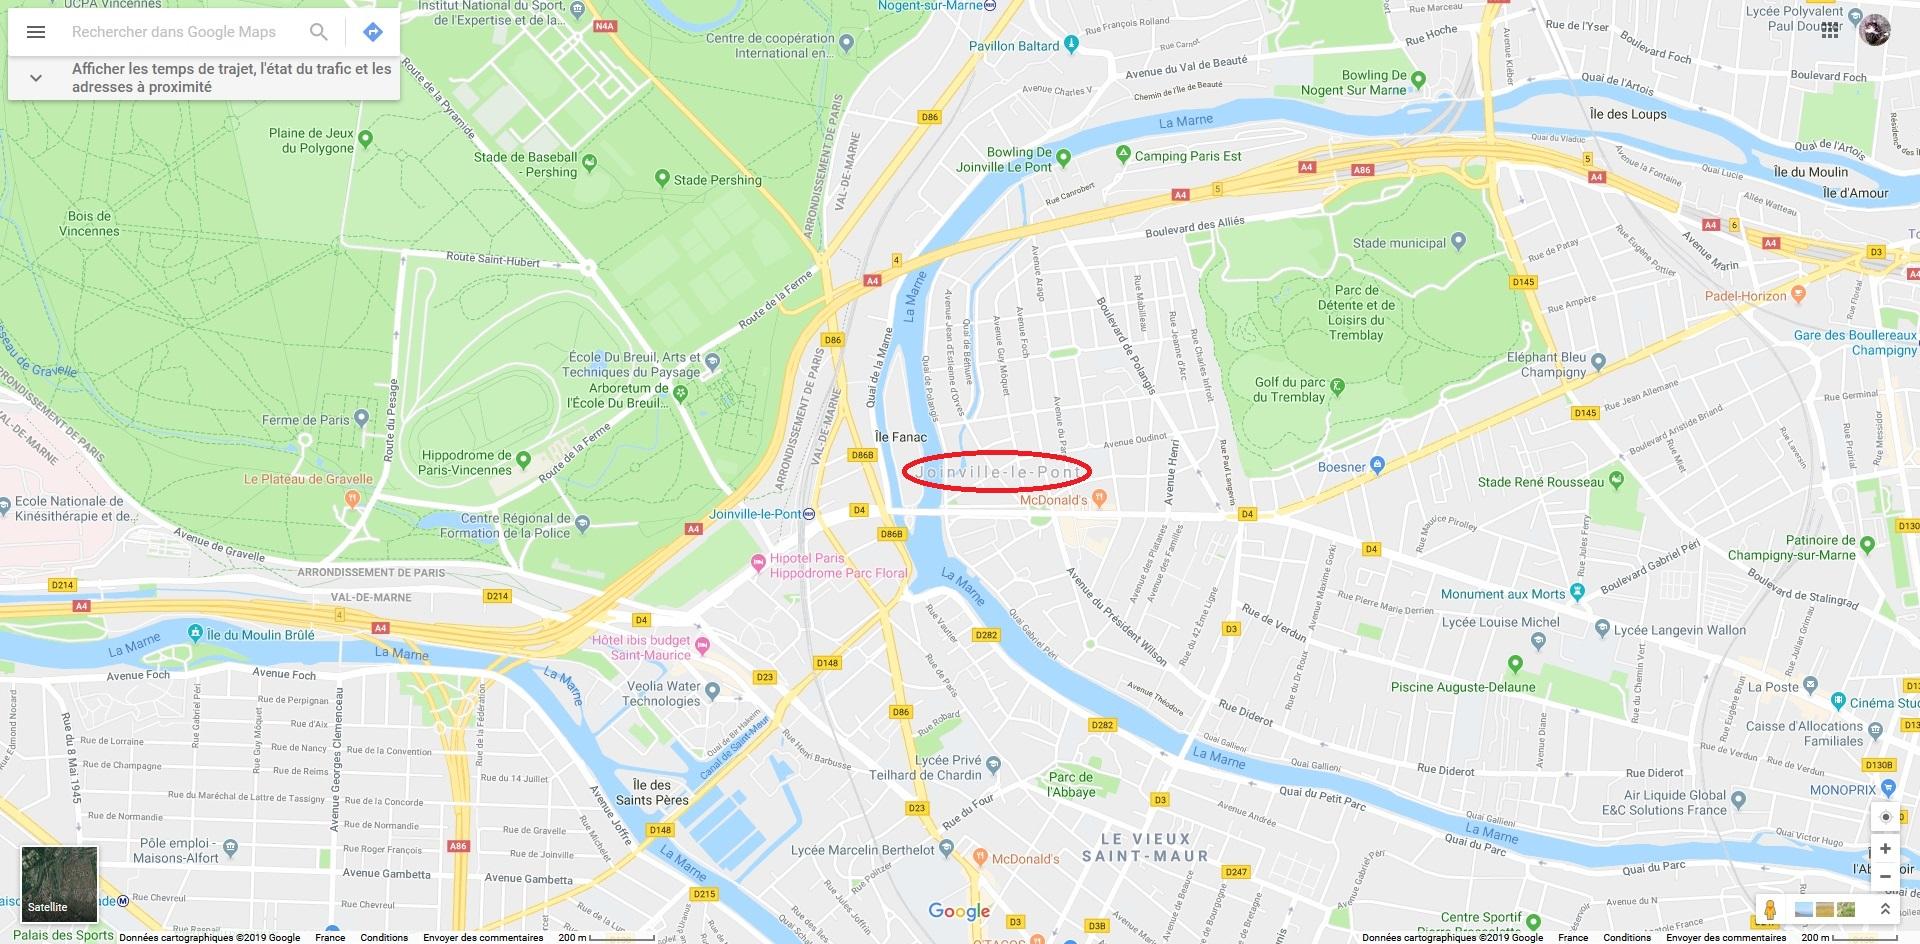 0-Joinville-le-Pont et Grenelle